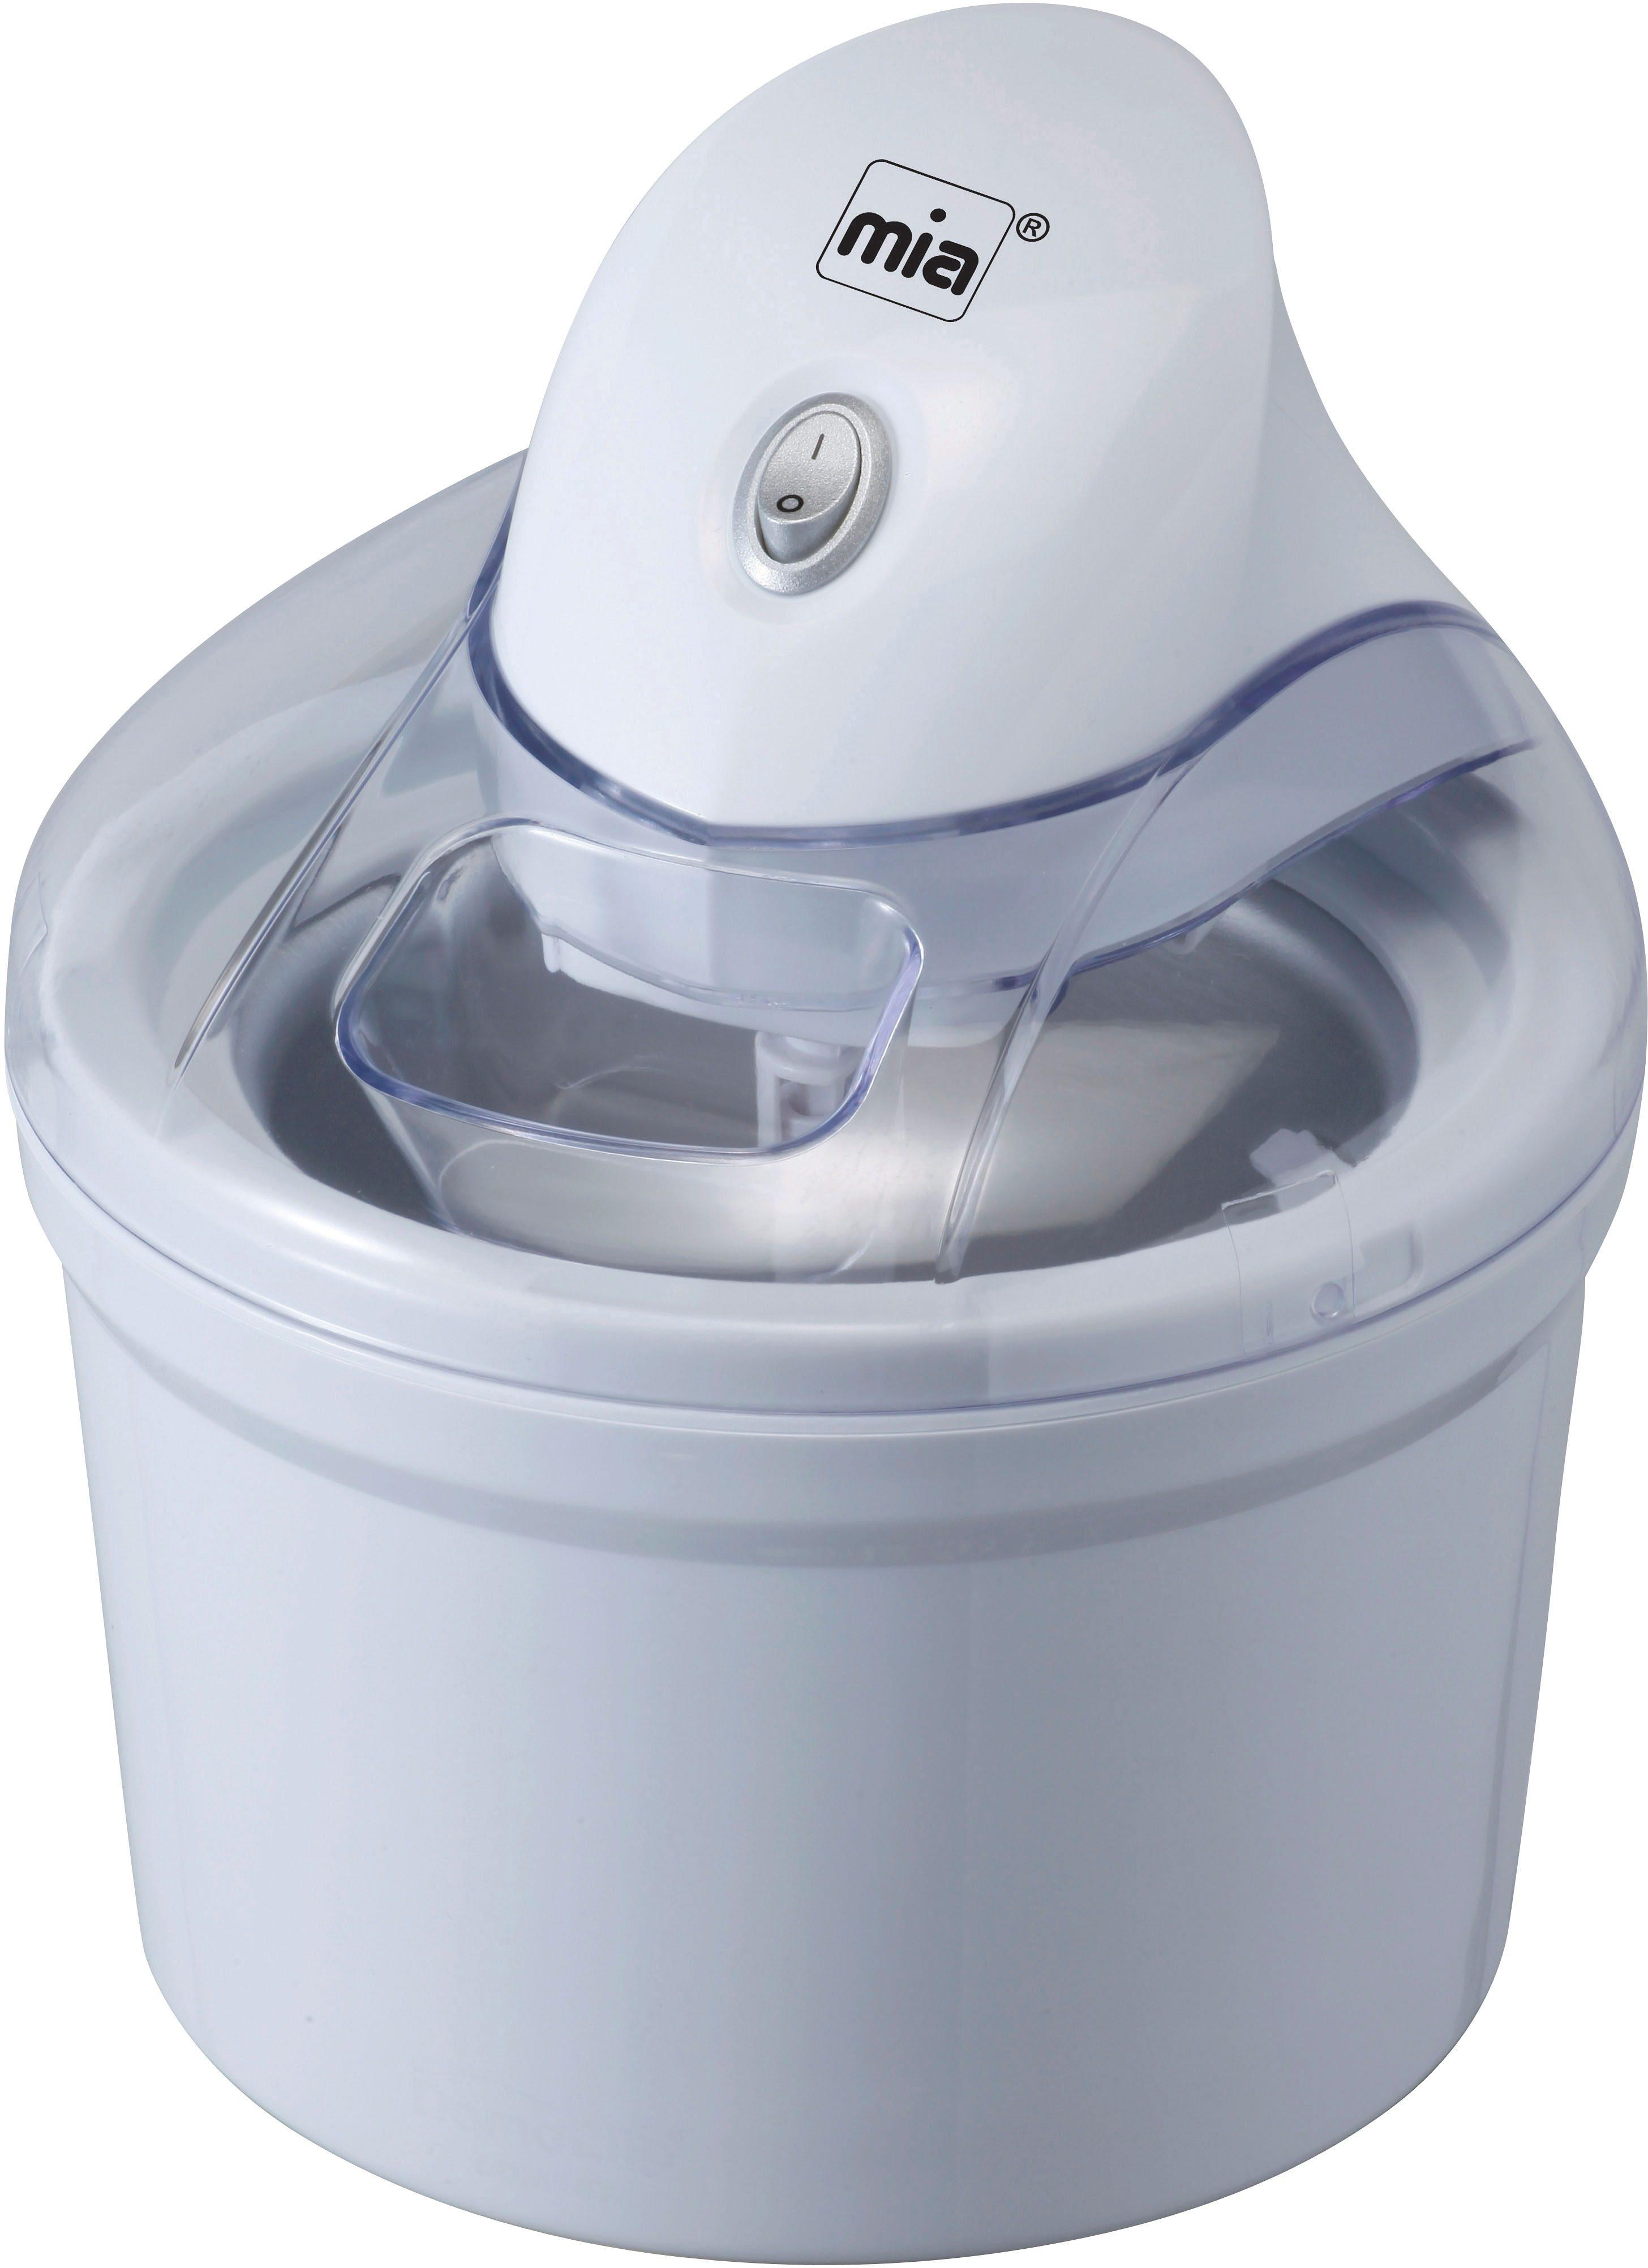 Mia Eismaschine/Multi-/Haushaltskühler 3-in-1, »IC 9963«, für 1,2 Liter